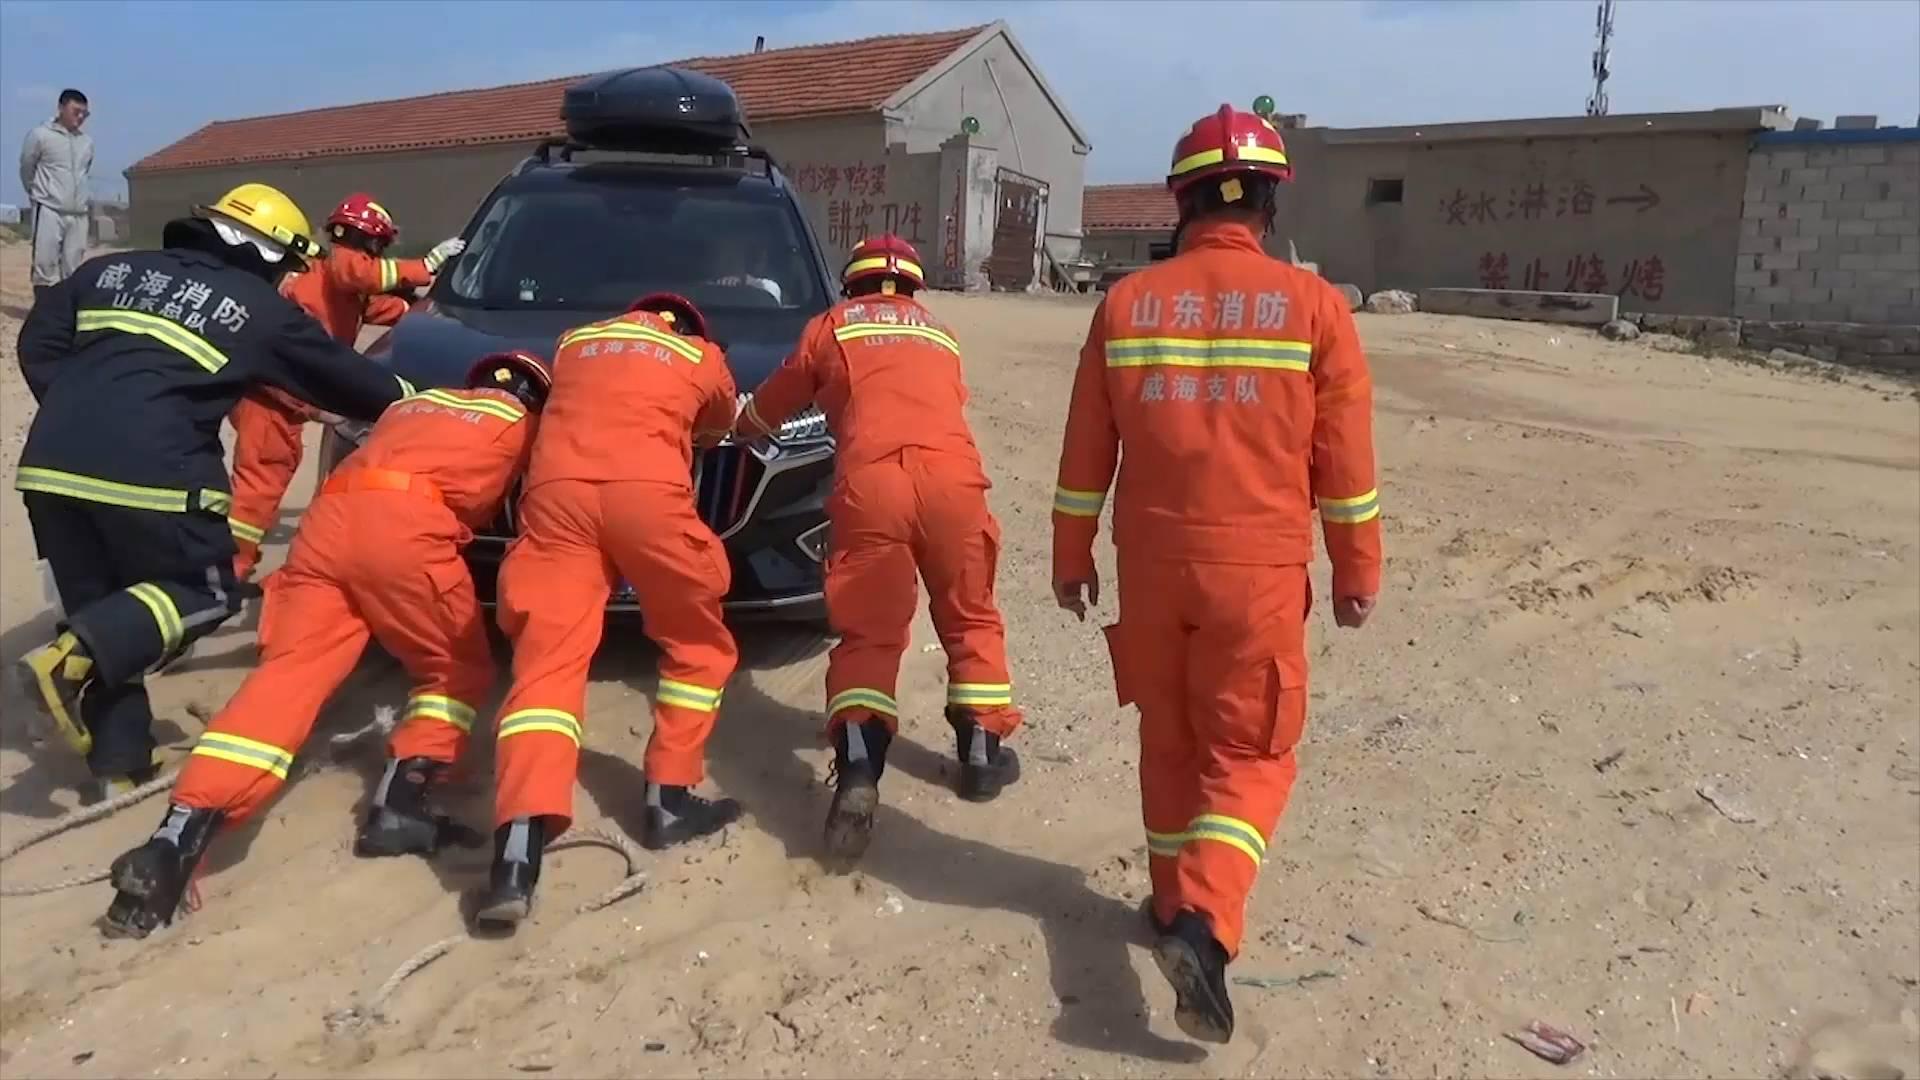 威海:大風天游客車陷沙灘 消防出警緊急解圍